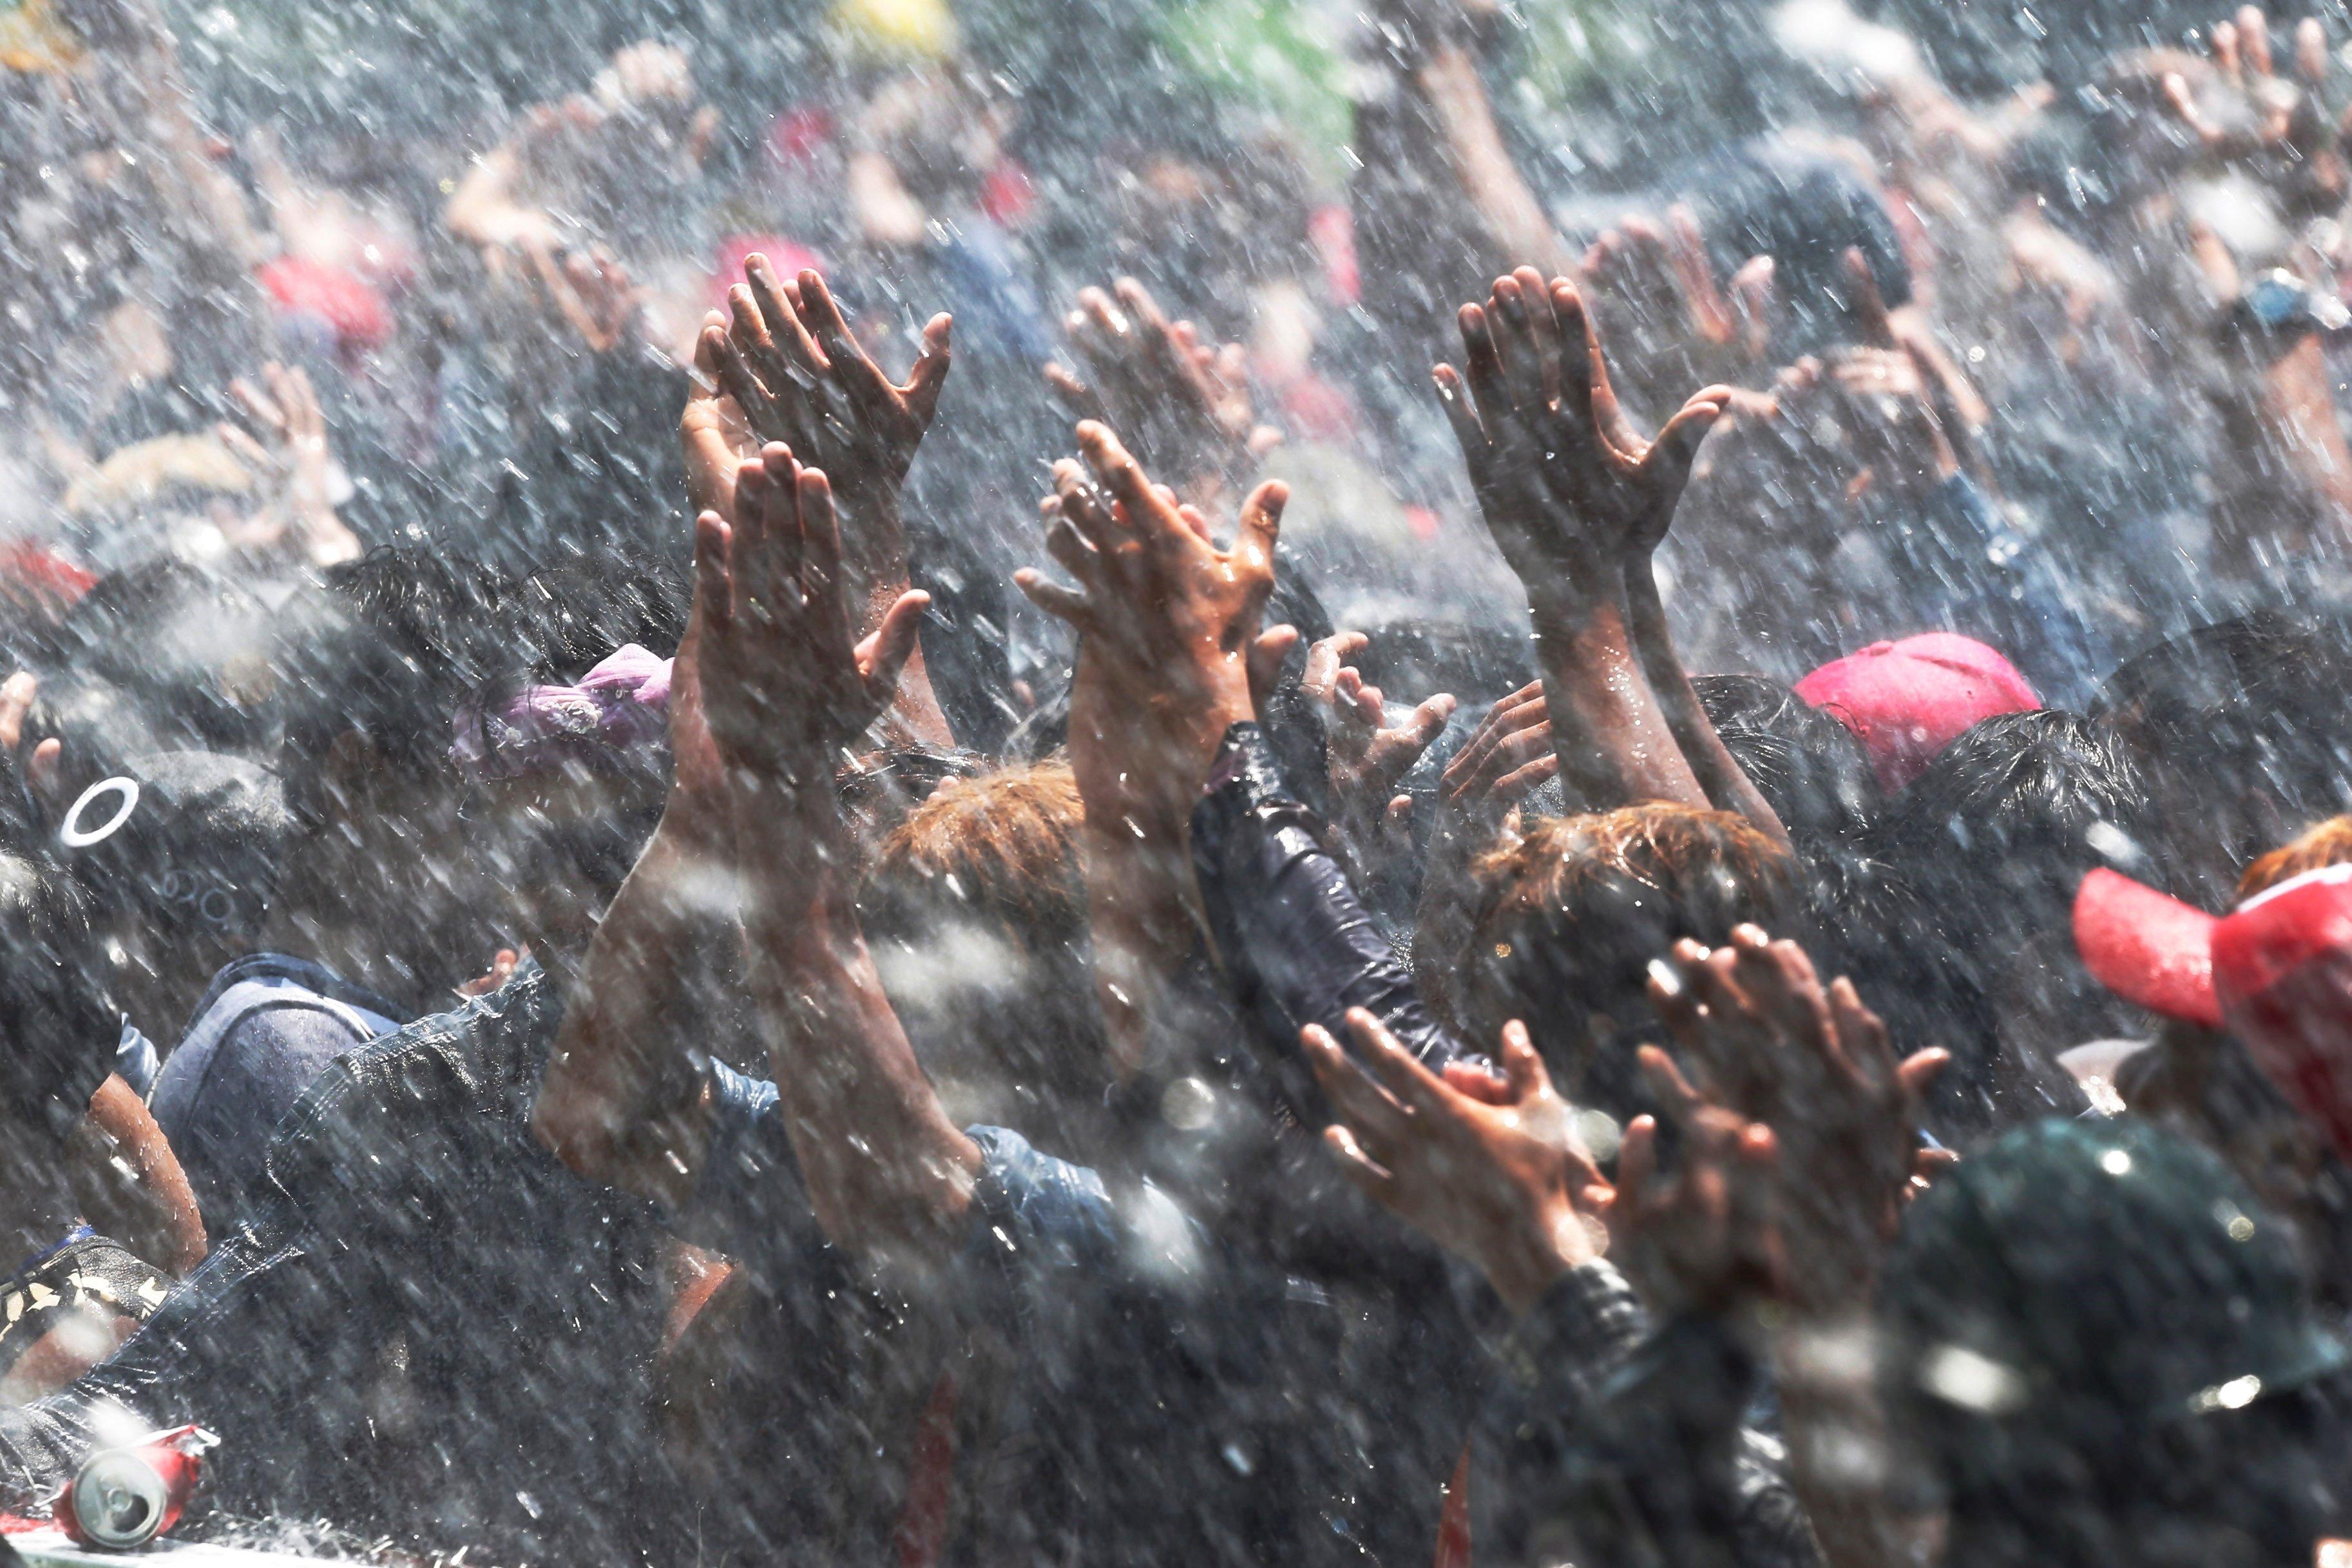 Celebració de l'últim dia del festival de l'aigua 'Thingyan', a Naypyidaw (Birmània). Cada any atreu milers de persones que s'ajunten per llançar-se aigua i pólvores als rostres com a símbol de purificació i per netejar els pecats de l'any anterior. /HEIN HTET